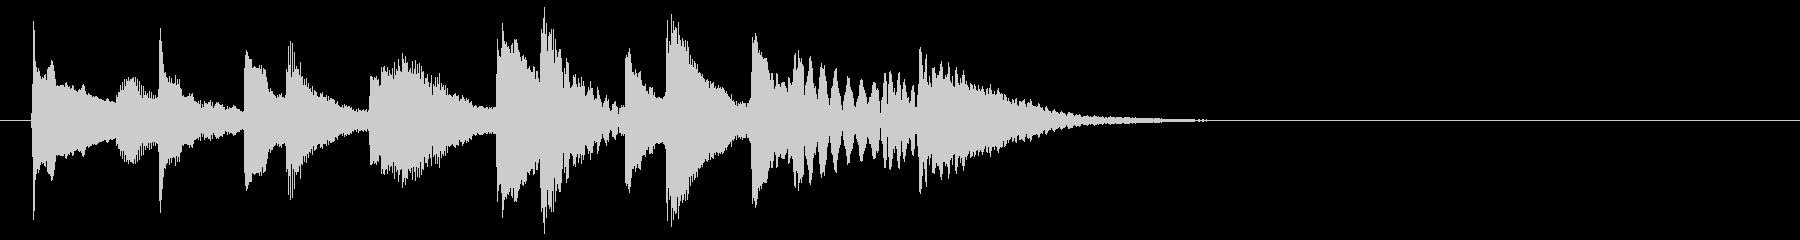 ほのぼの可愛い木琴マリンバ三重奏ジングルの未再生の波形